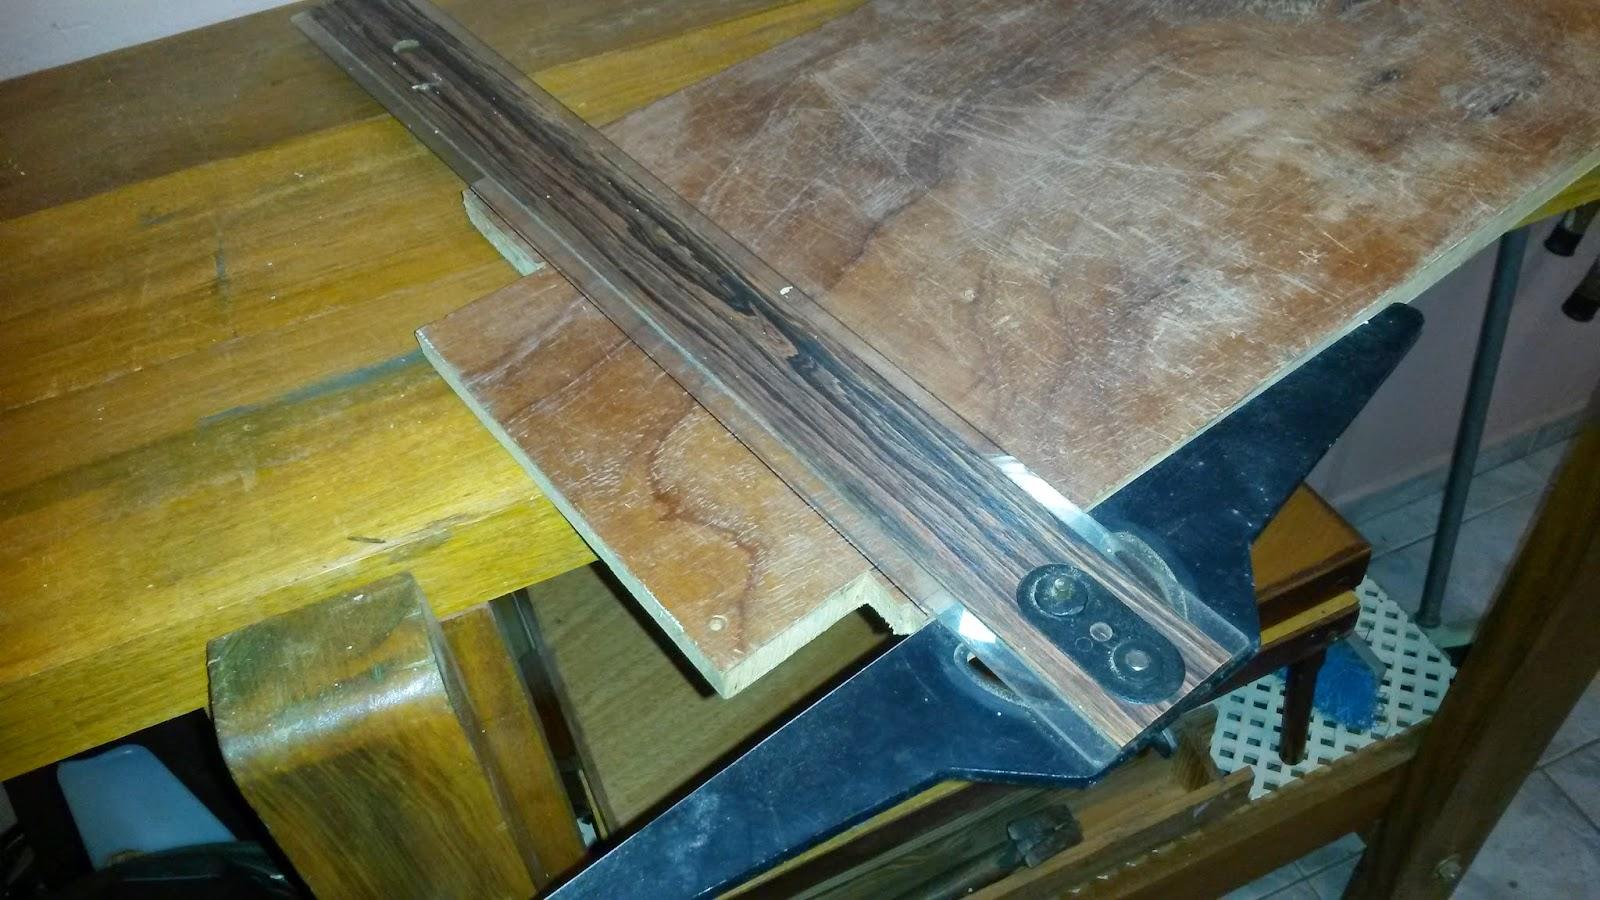 Oficina do Quintal: Como fazer um aparador com restos de madeira #604C1C 1600x900